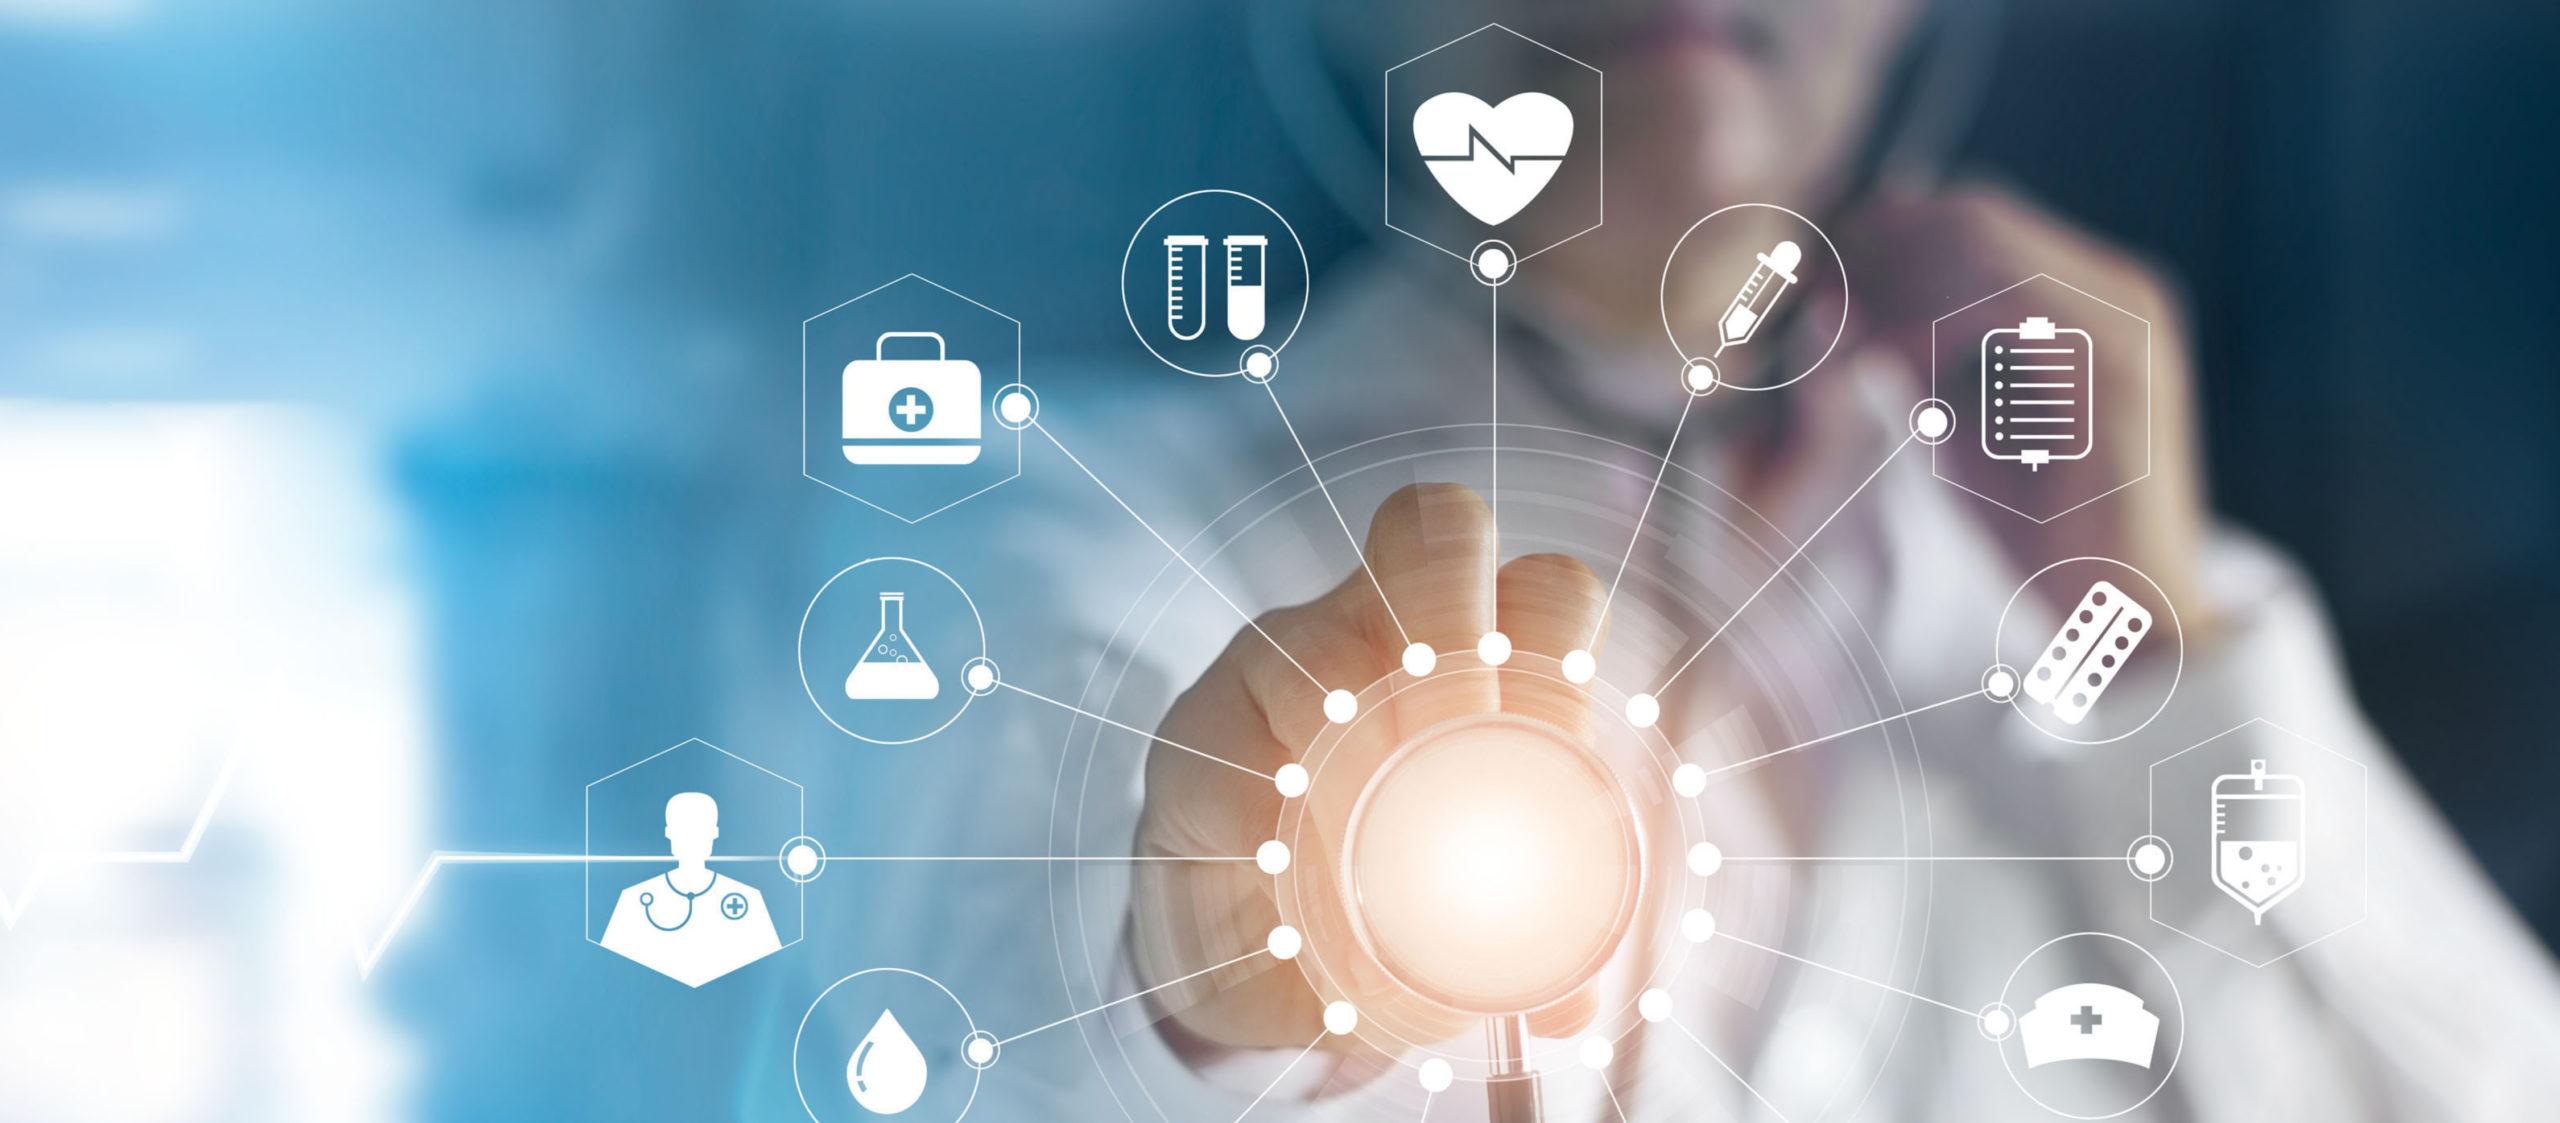 國內外醫藥巨頭紛紛布局3天內2家宣布融資 AI醫療為何受資本青睞?